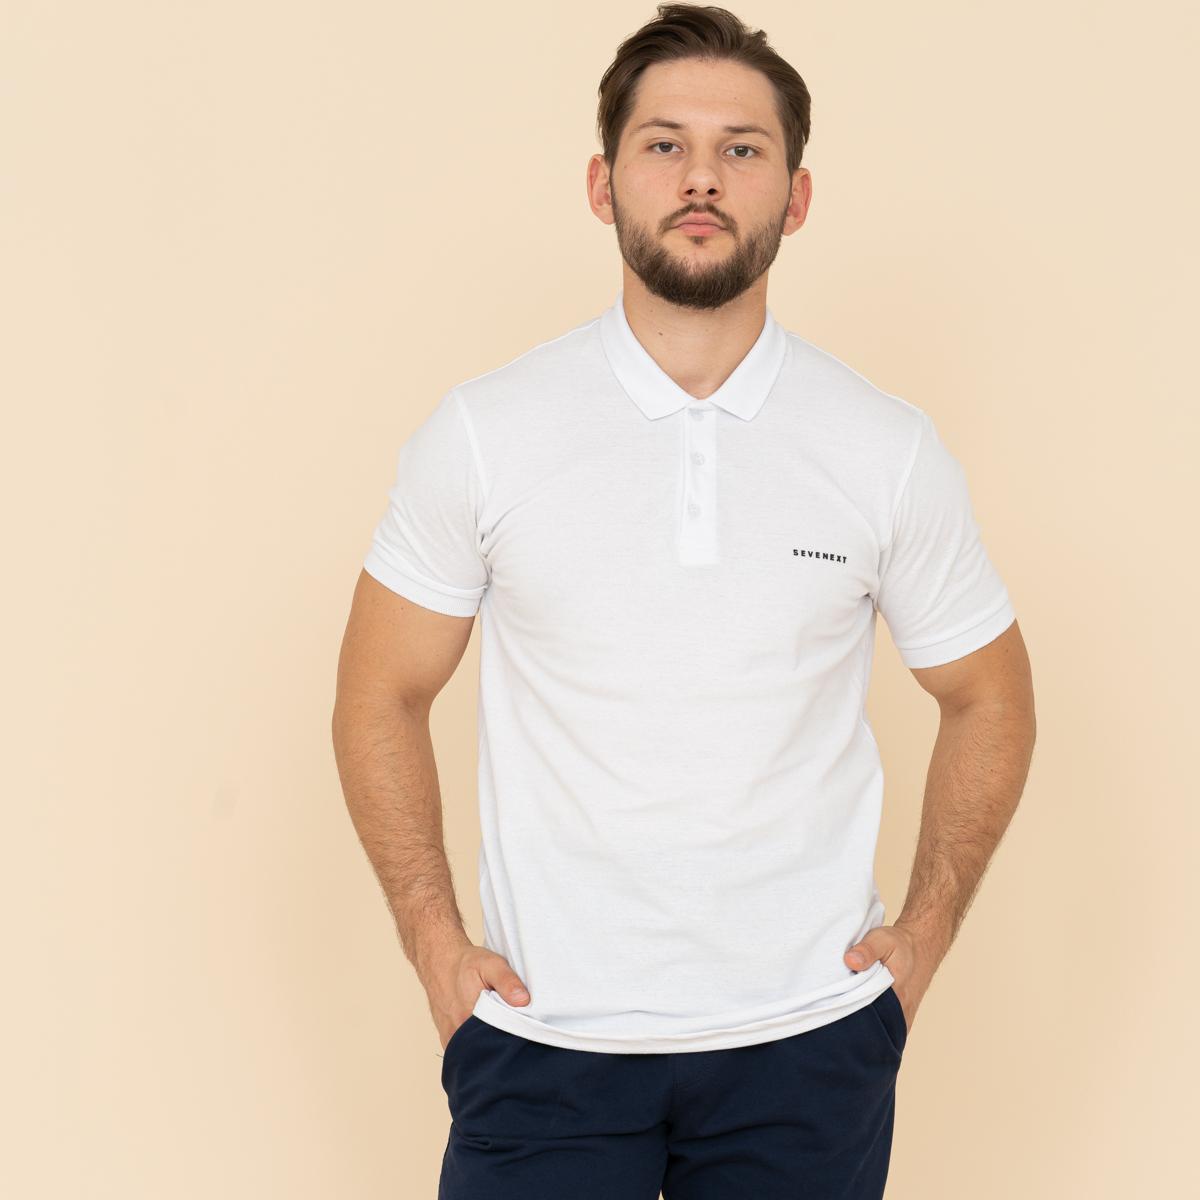 Рубашка поло Sevenext, 51008 рубашка поло sevenext mr 20 11